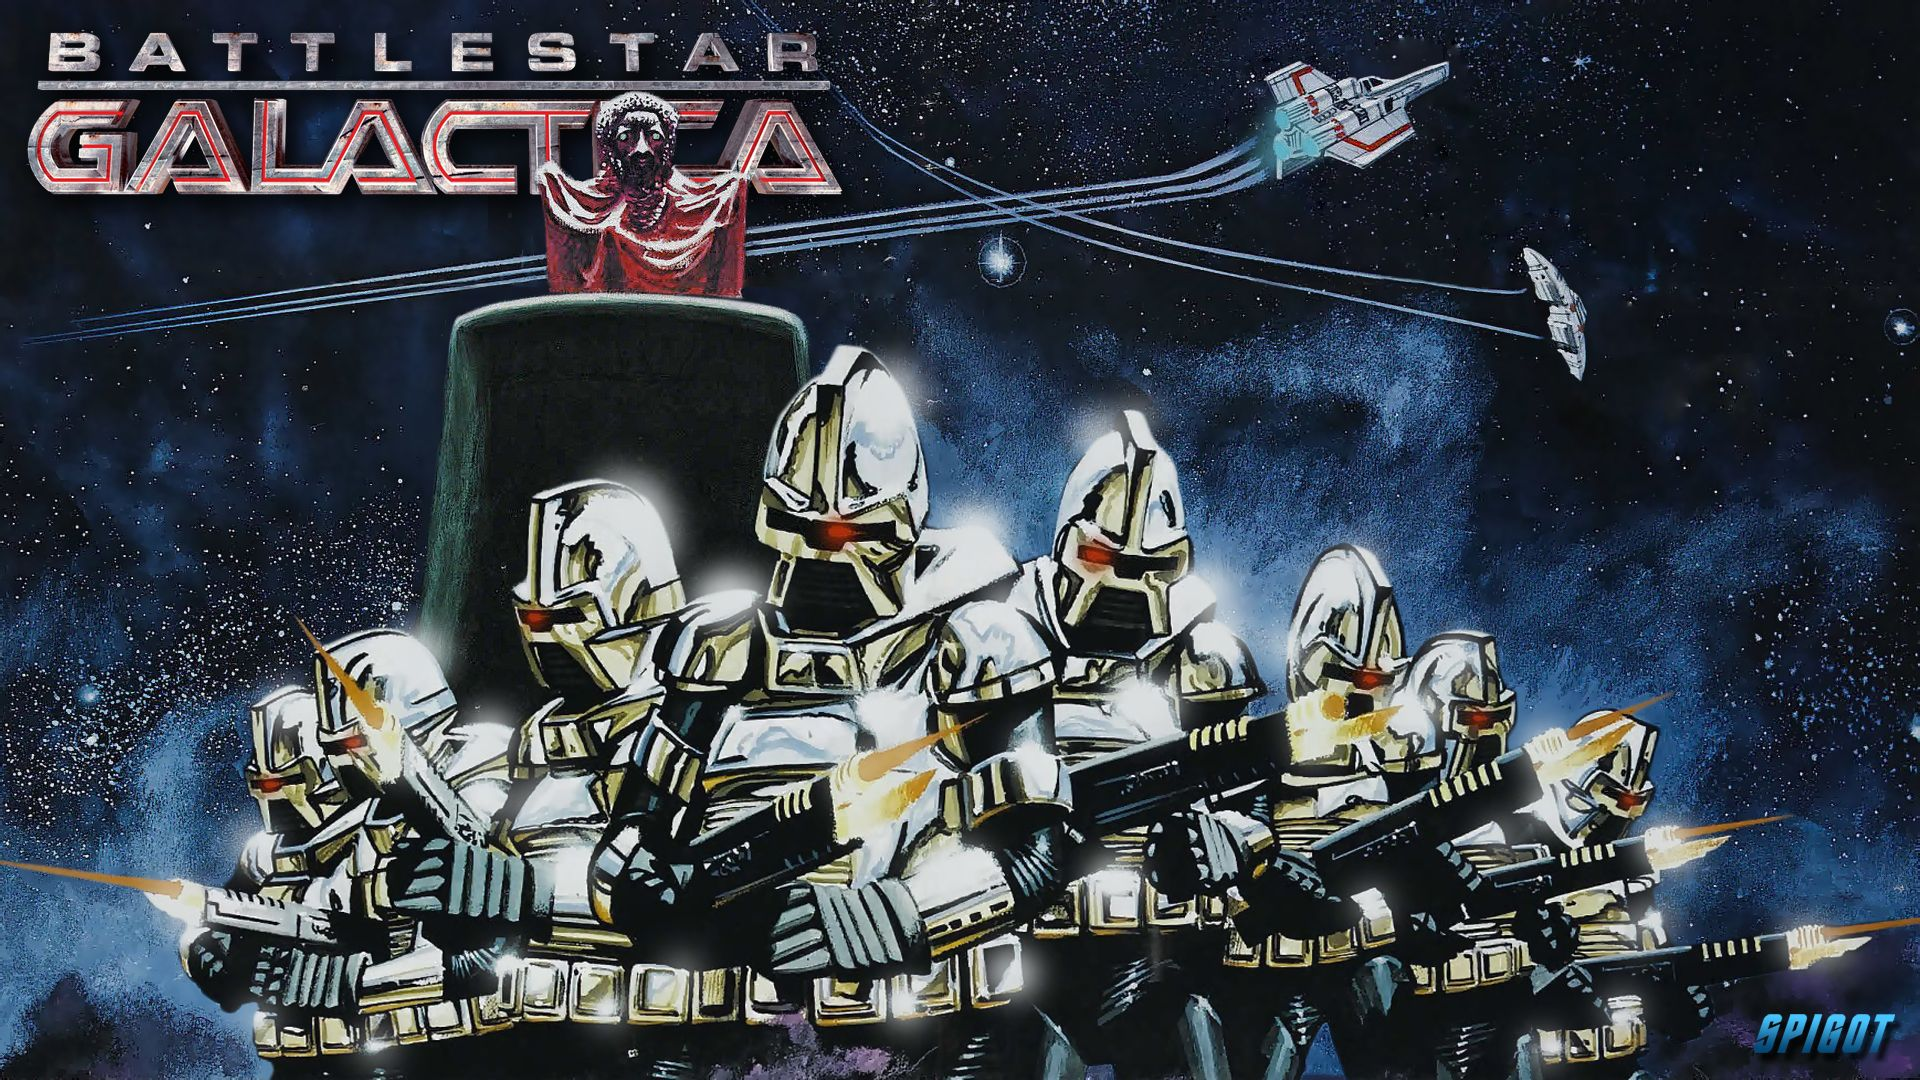 Classic Battlestar Galactica Wallpaper Battlestar Galactica 1978 Battlestar Galactica Classic Tv